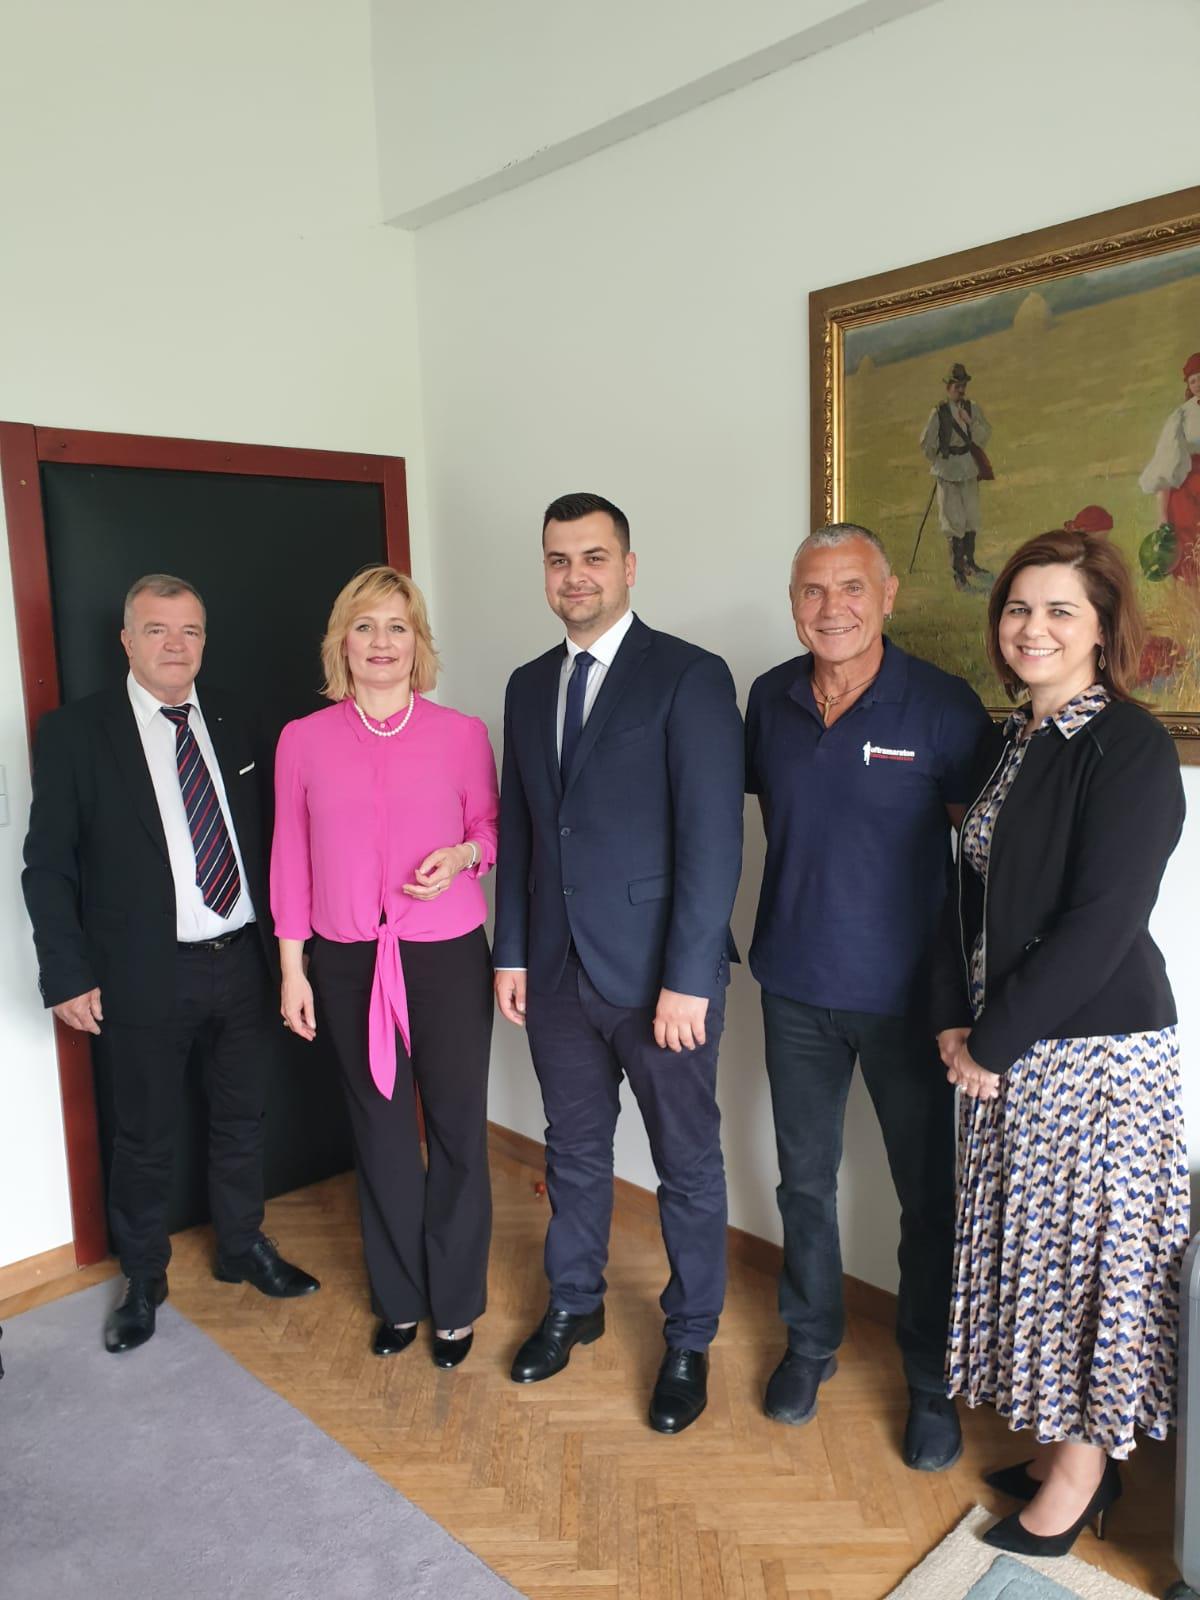 Prijam organizatora i sudionika Ultramaratona Vukovar – Srebrenica u Uredu Predsjednika Republike Hrvatske